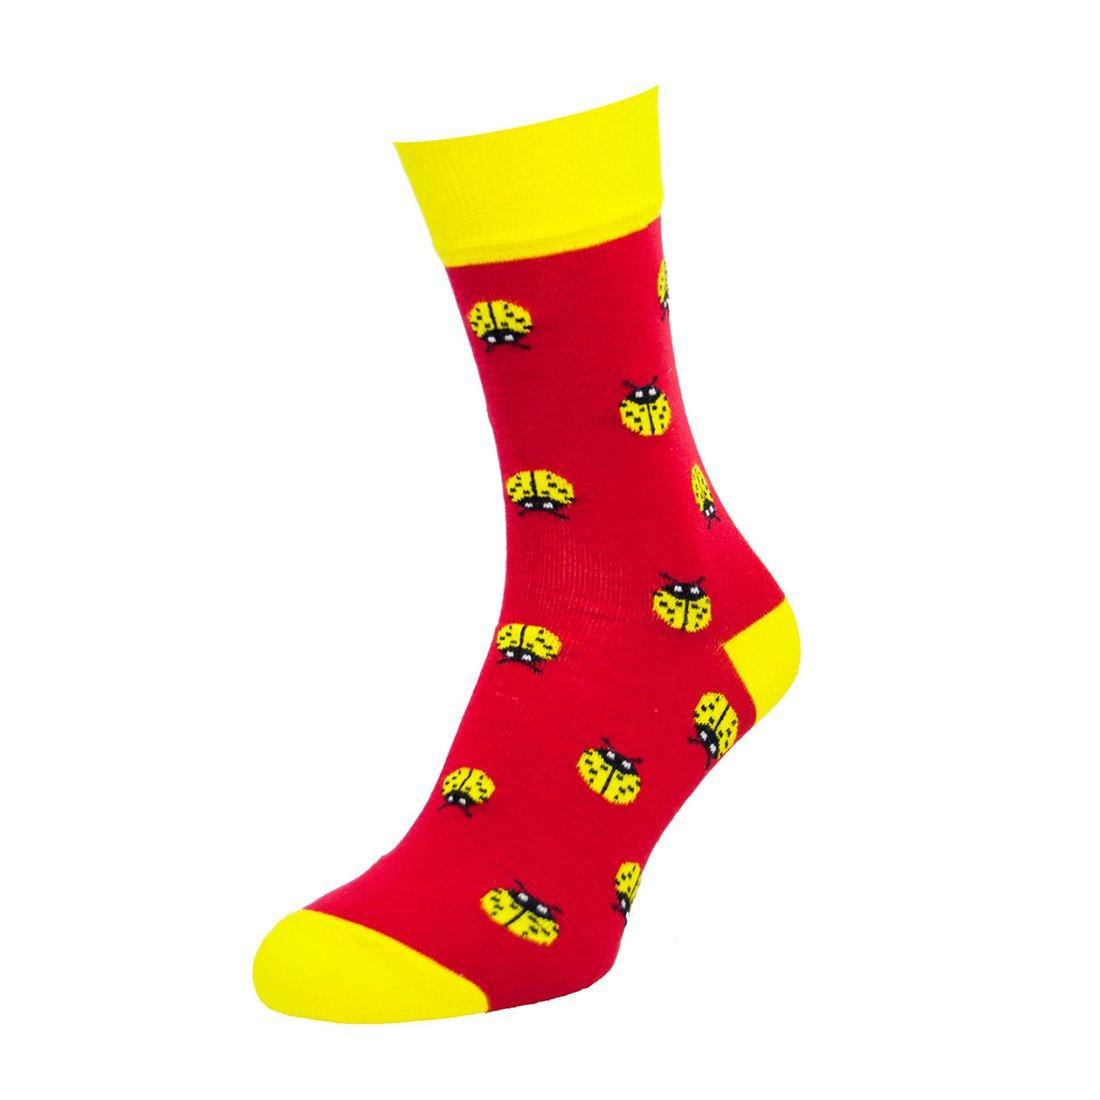 Шкарпетки чоловічі кольорові з бавовни, божа корівка, червоні